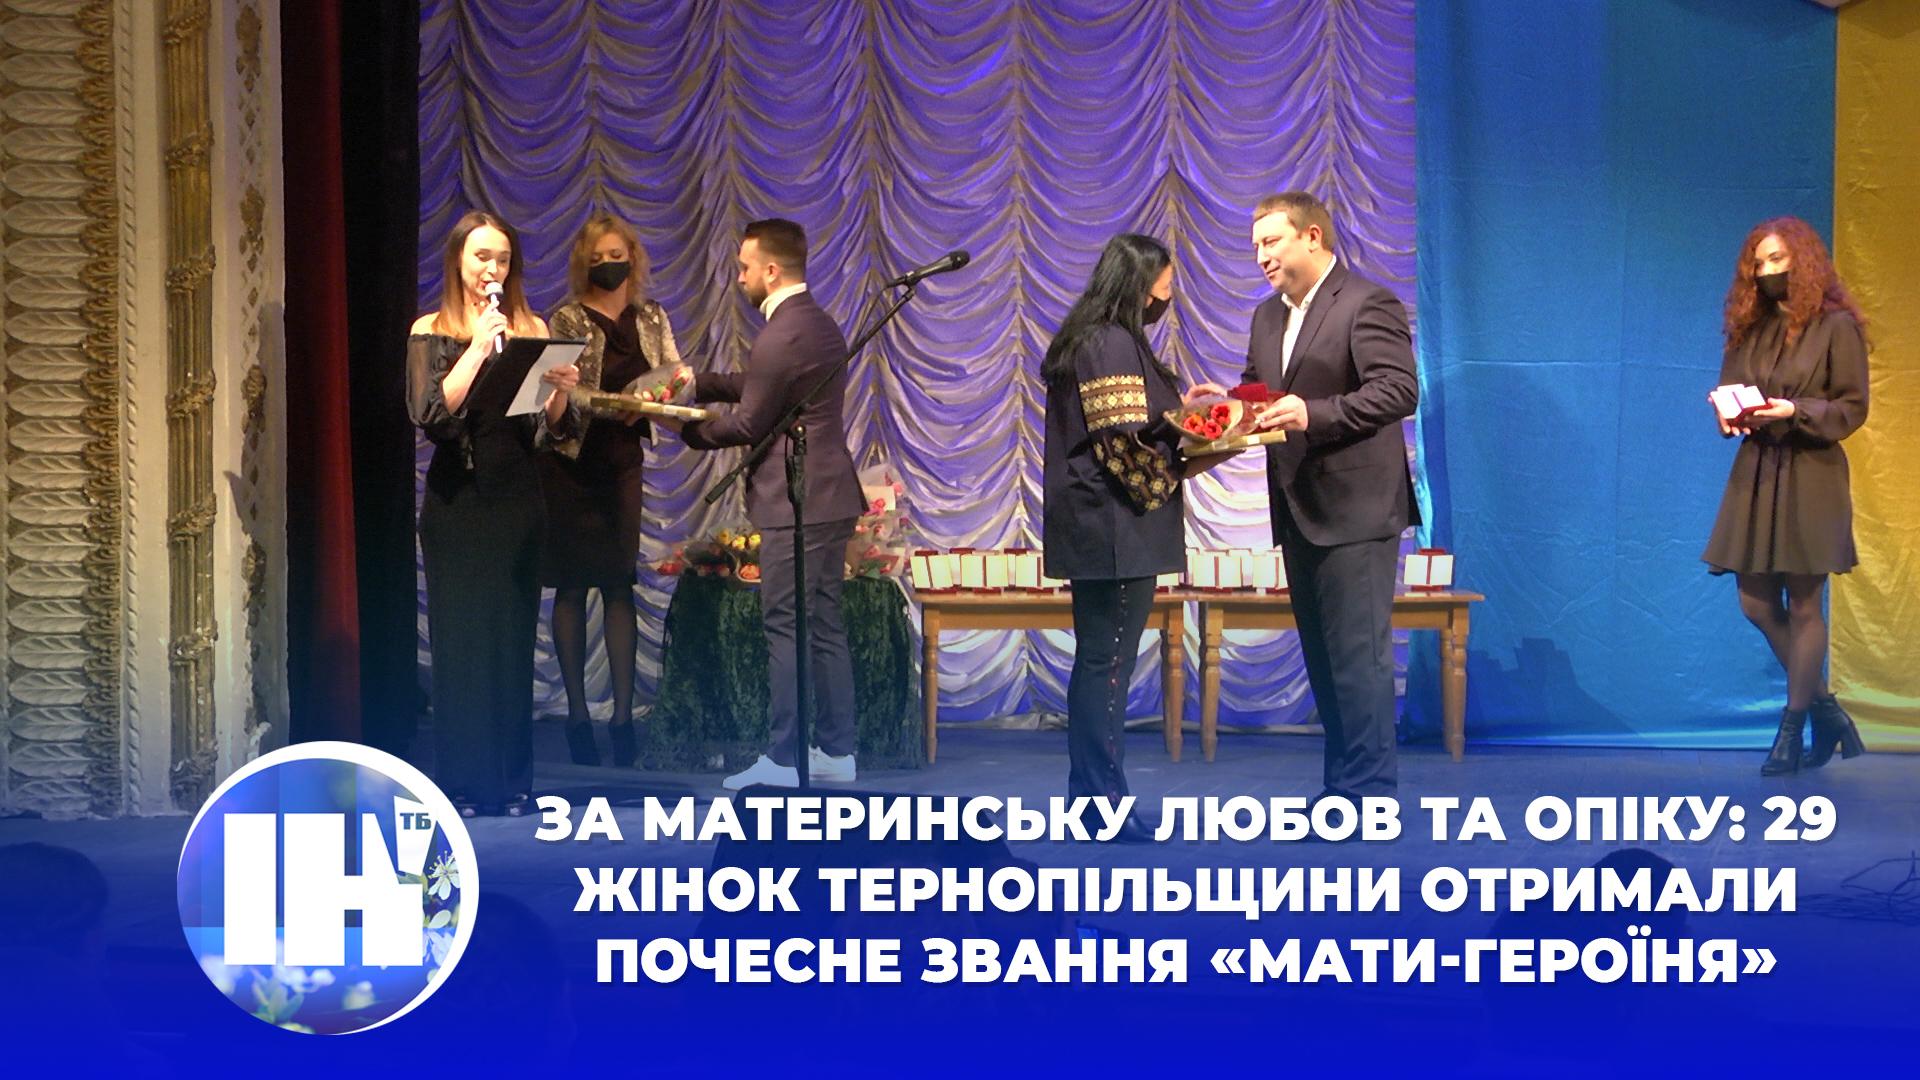 За материнську любов та опіку: 29 жінок Тернопільщини отримали почесне звання «Мати-героїня»